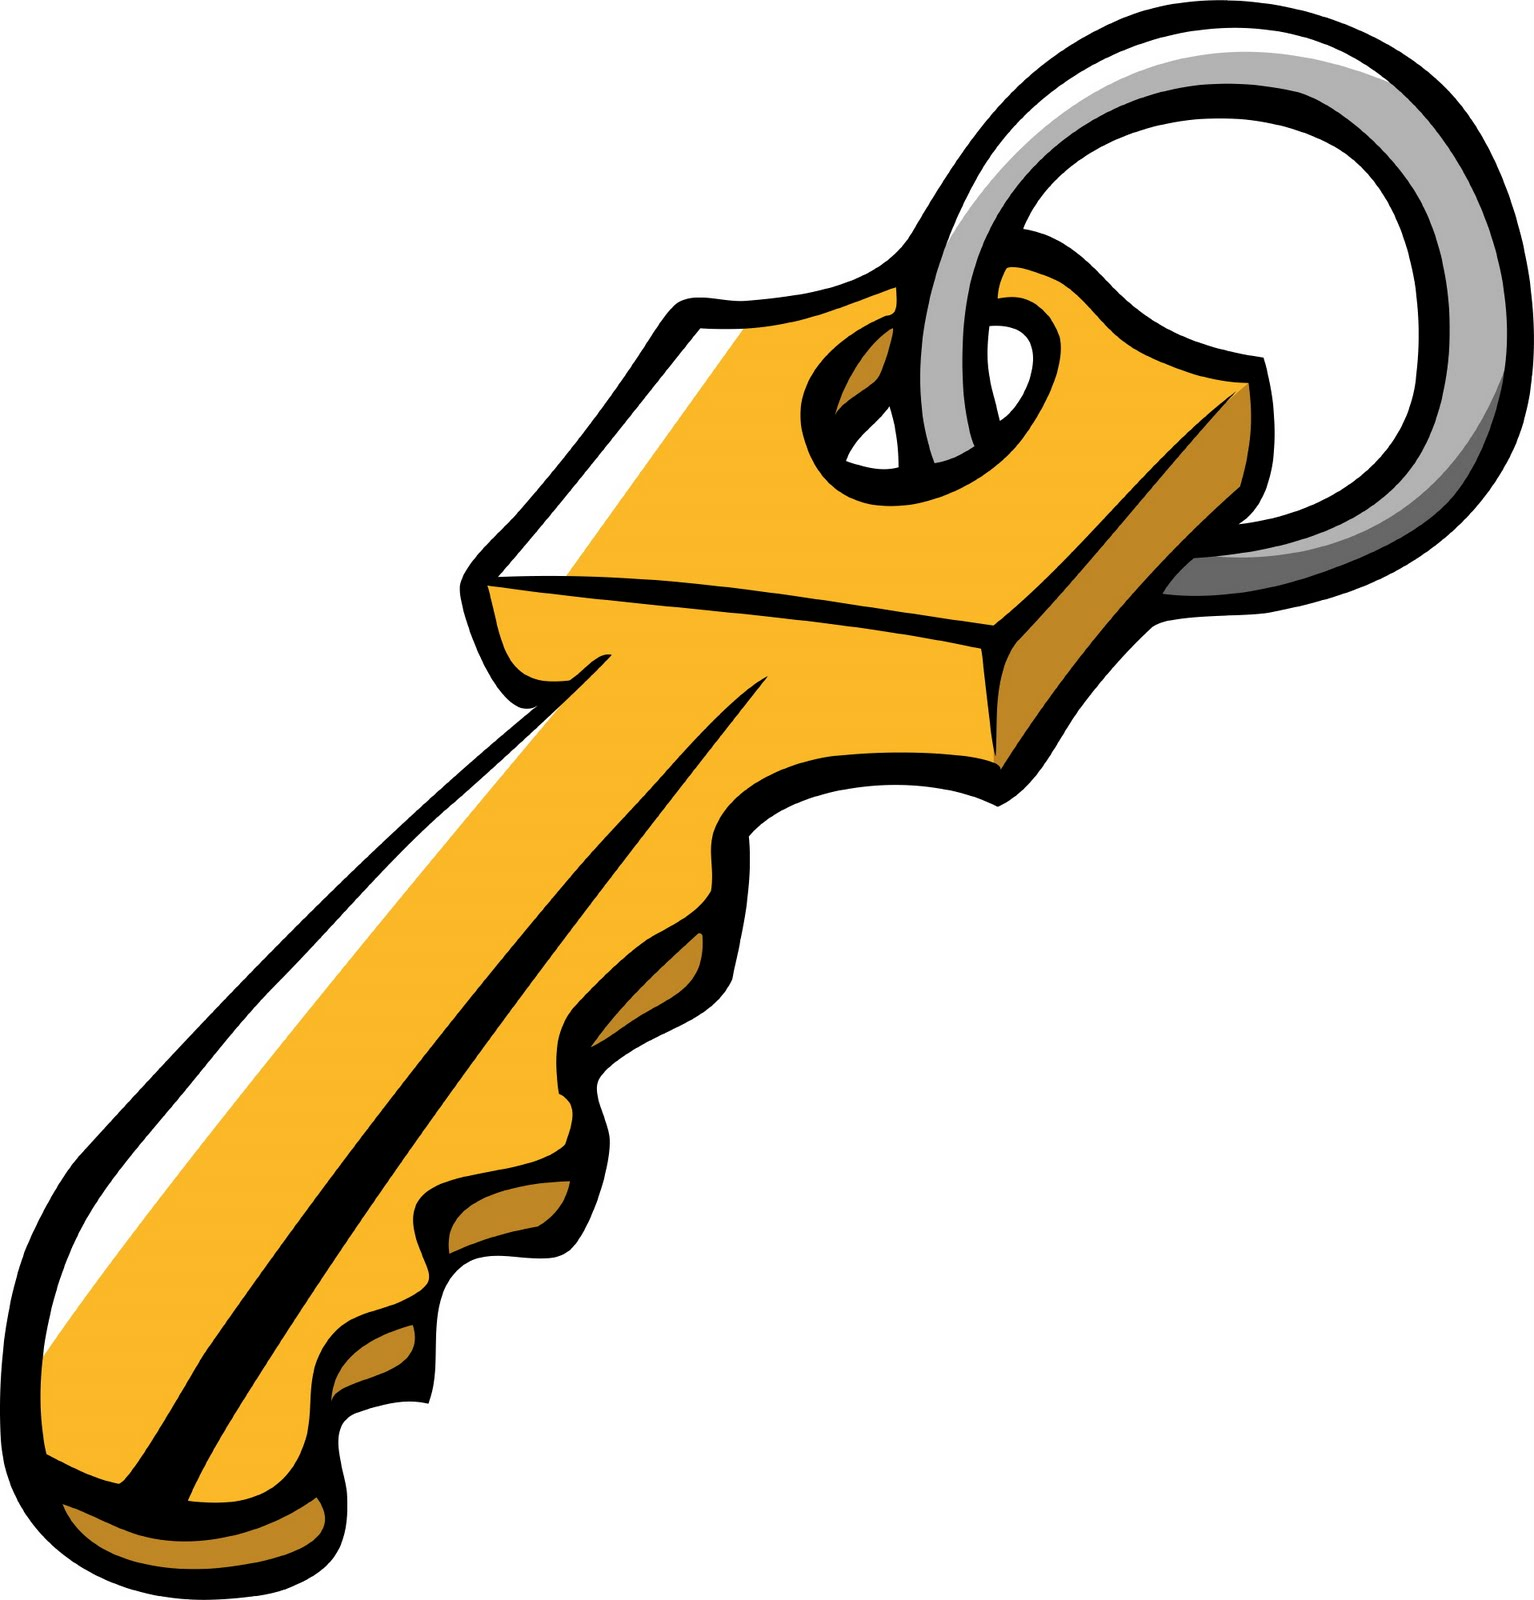 1534x1600 Clip Art Key Chain Clipart